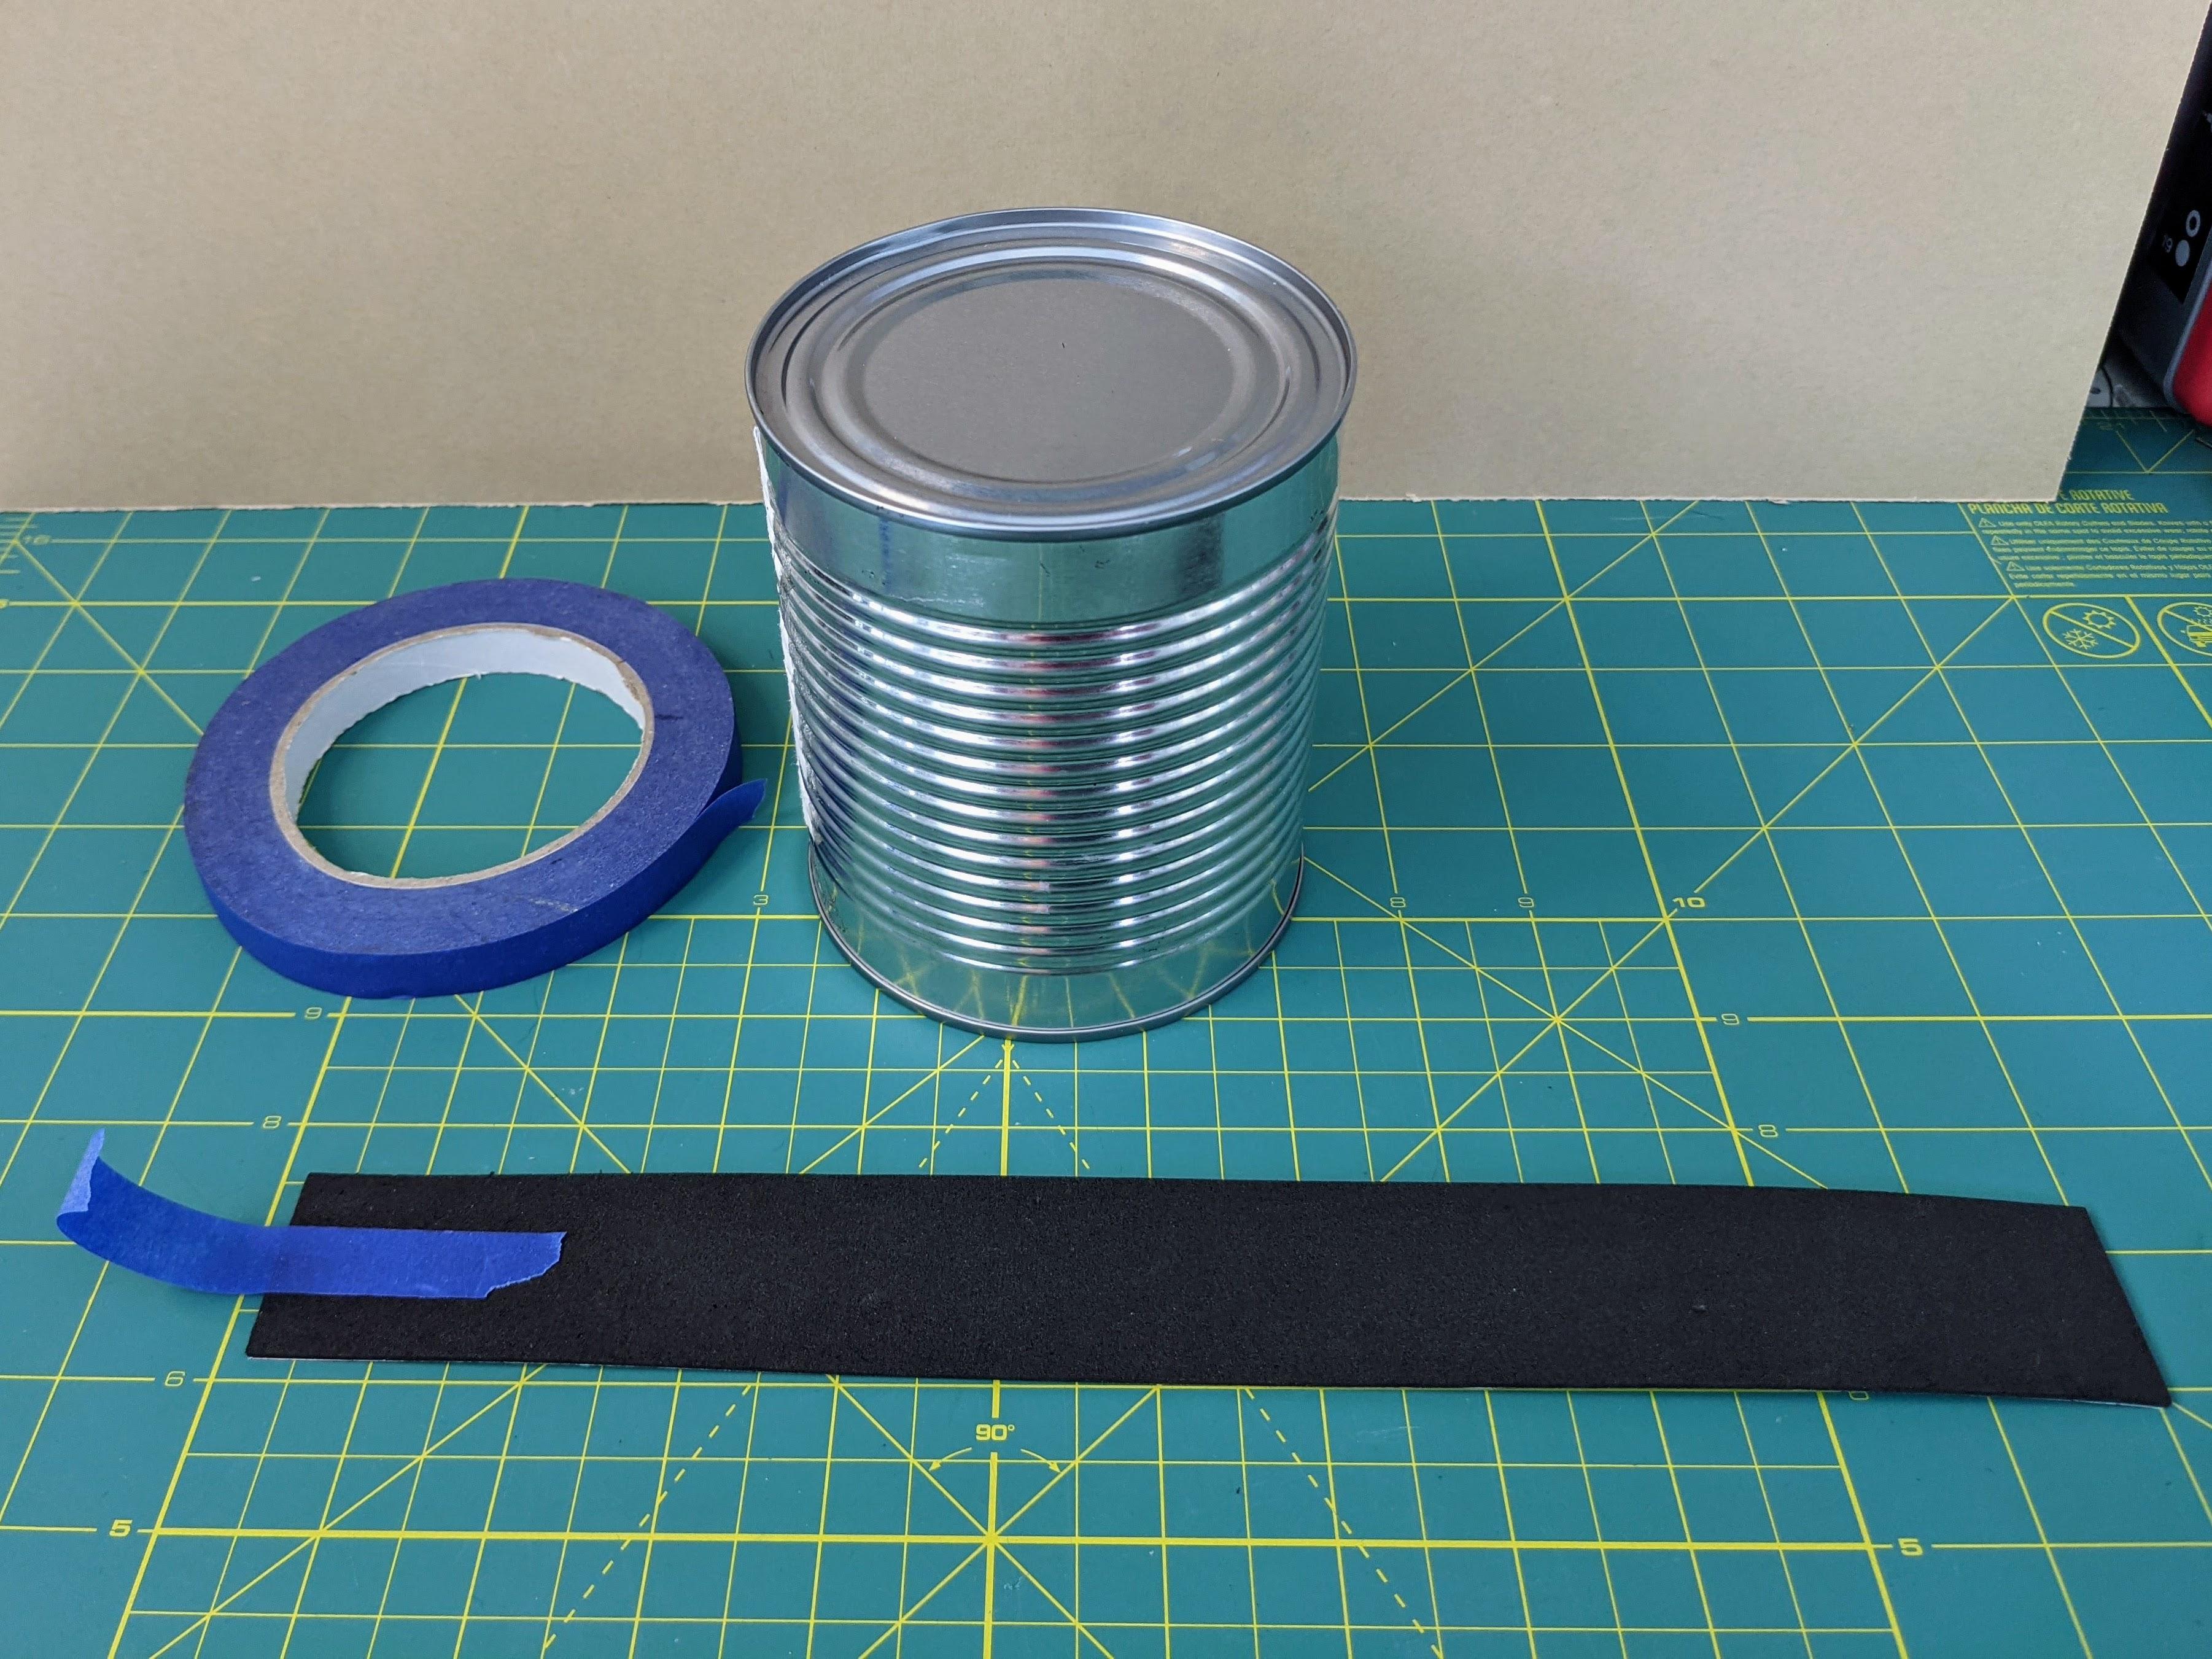 led_strips_PXL_20210125_191759345.jpg